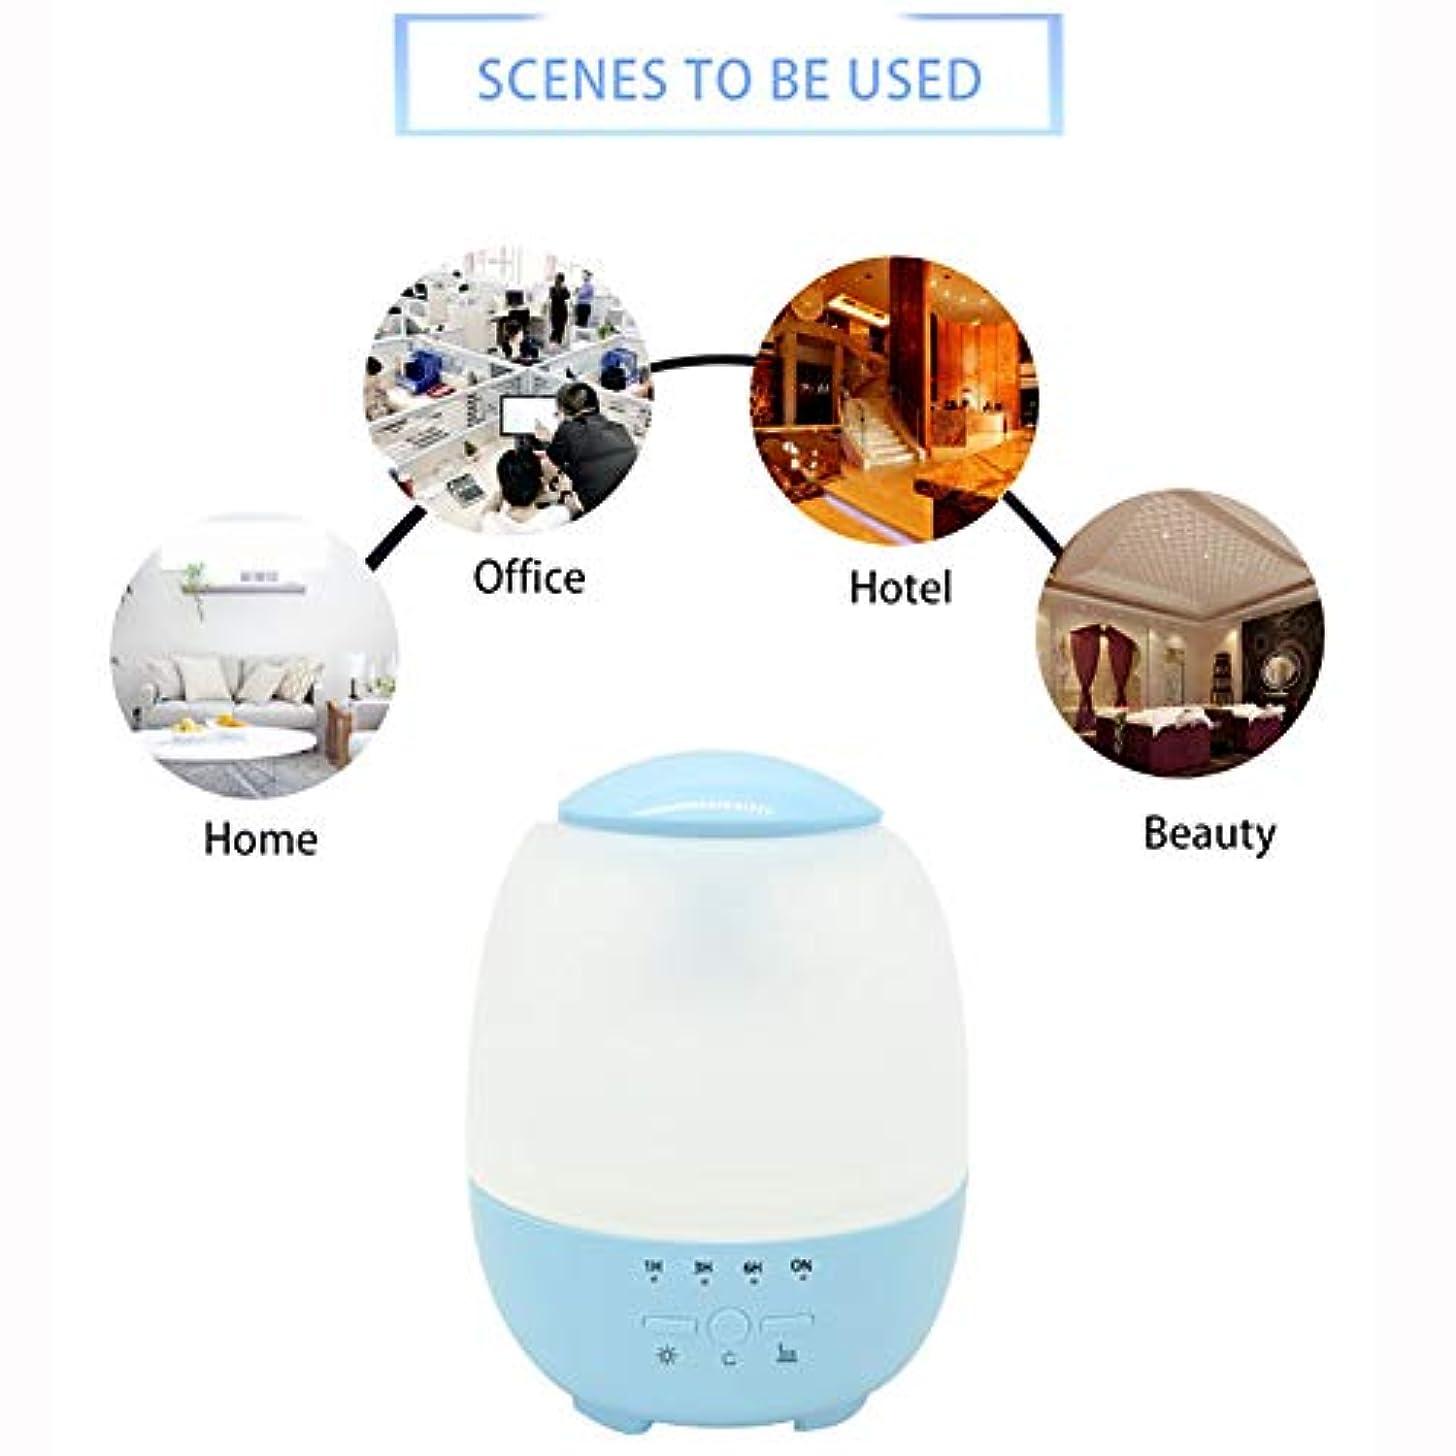 快適バックグラウンド教育学エッセンシャルオイルディフューザーと加湿器、ミストエッセンシャルオイルアロマ加湿器用の超音波アロマディフューザー、7色LEDライト,Blue